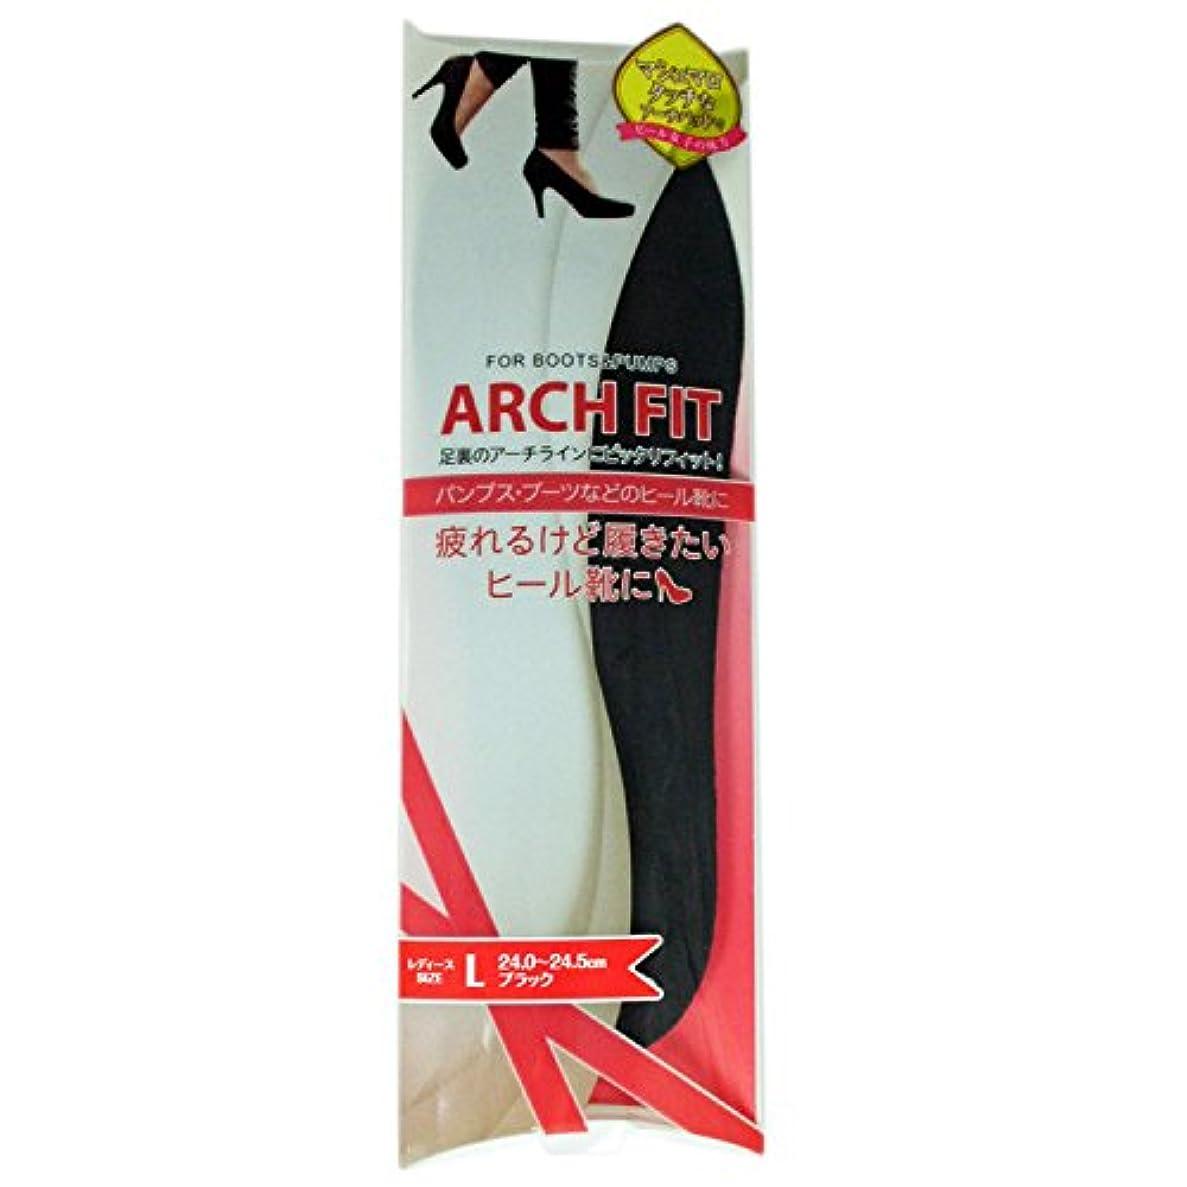 十分感度の配列荒川産業 アーチフィット L ブラック 24-24.5cm [インソール] 通販【全品無料配達】